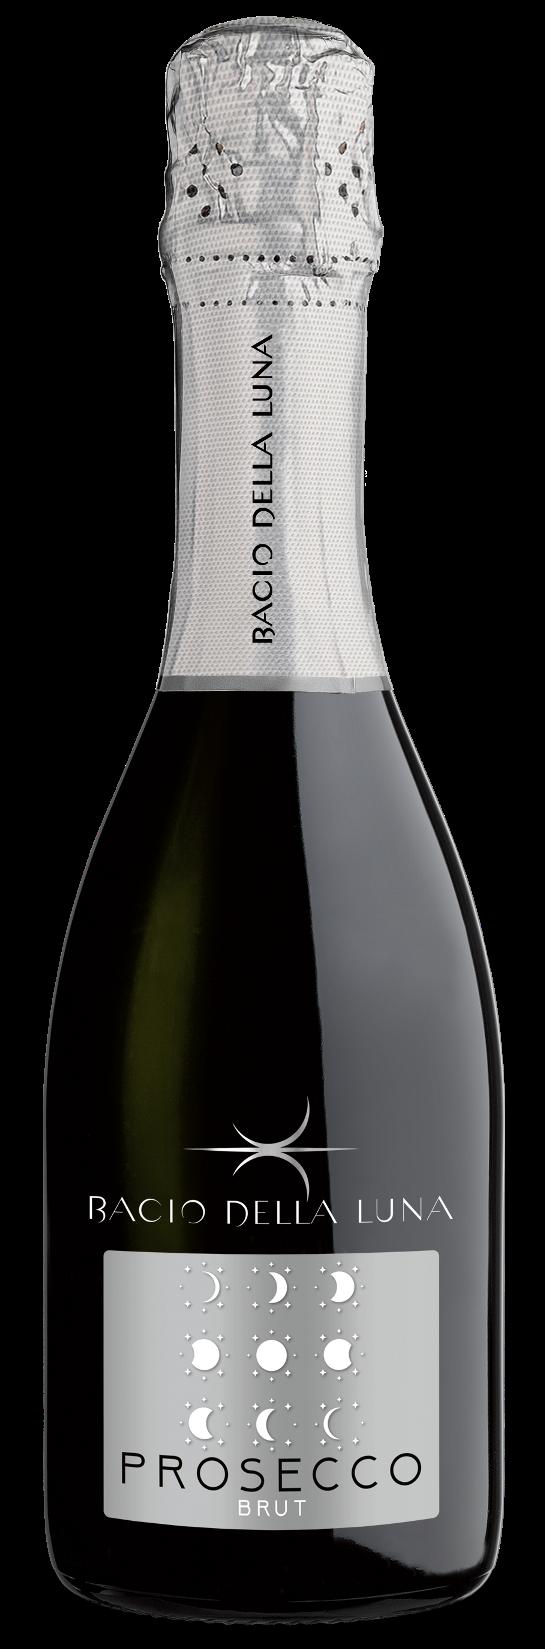 Prosecco DOC Brut Bacio Della Luna, 0,375l